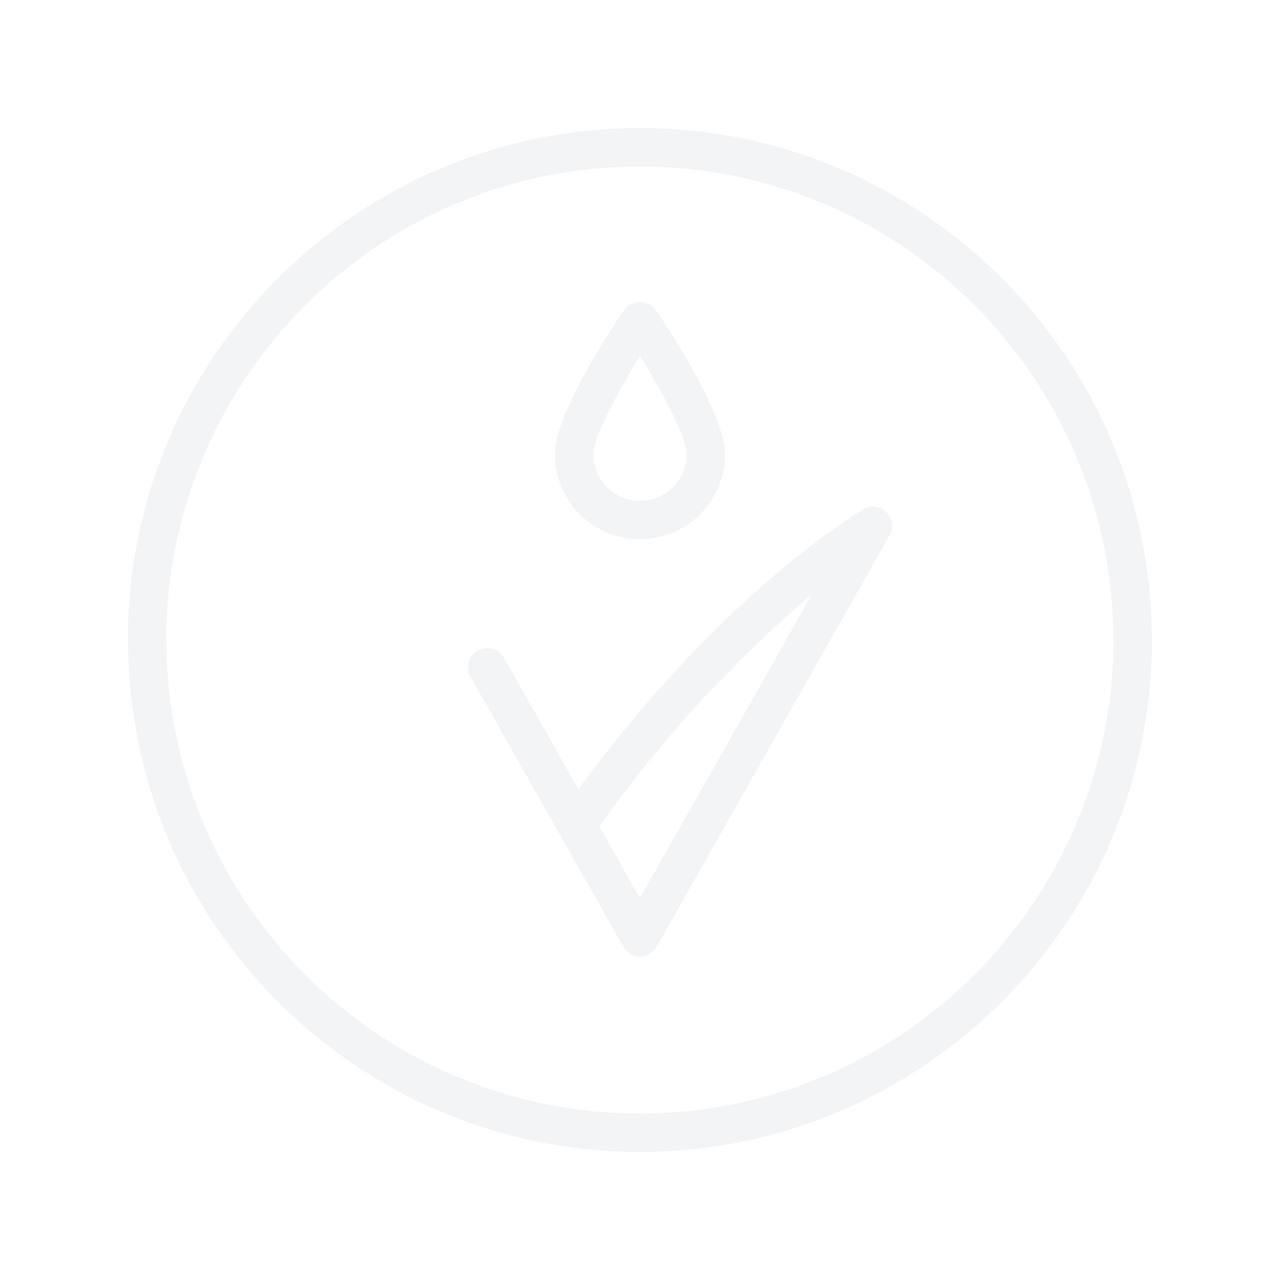 ARTDECO Beauty Balm Lip Base 6ml